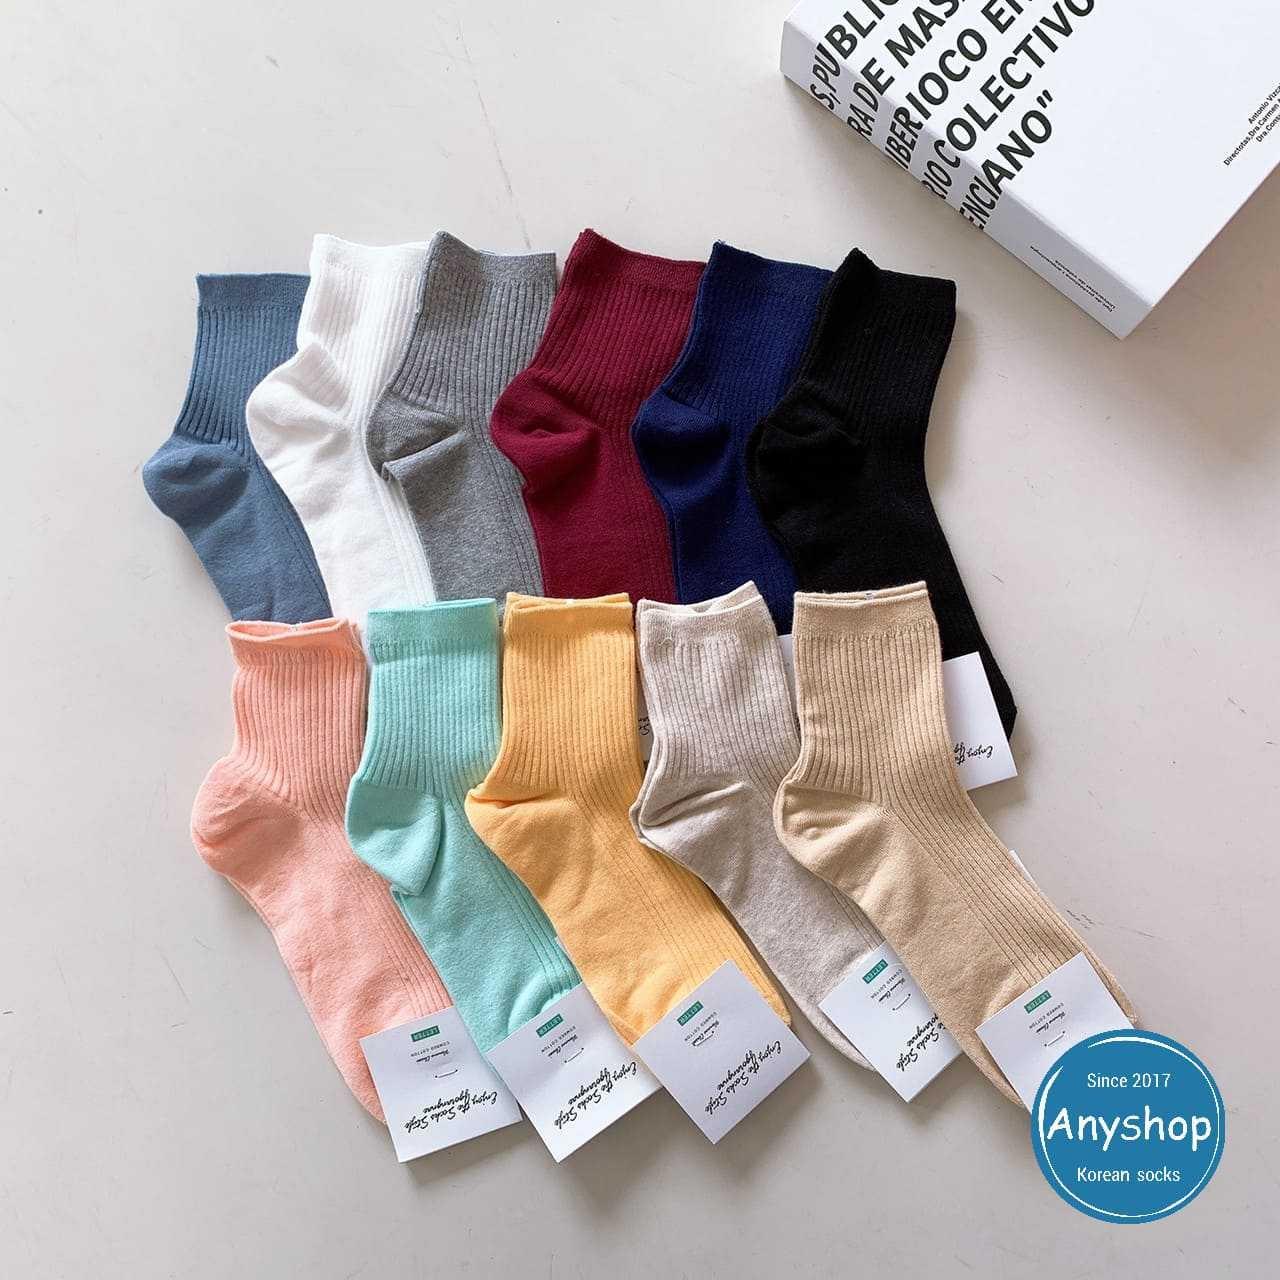 韓國襪-[Anyshop]經典200針素色中筒襪